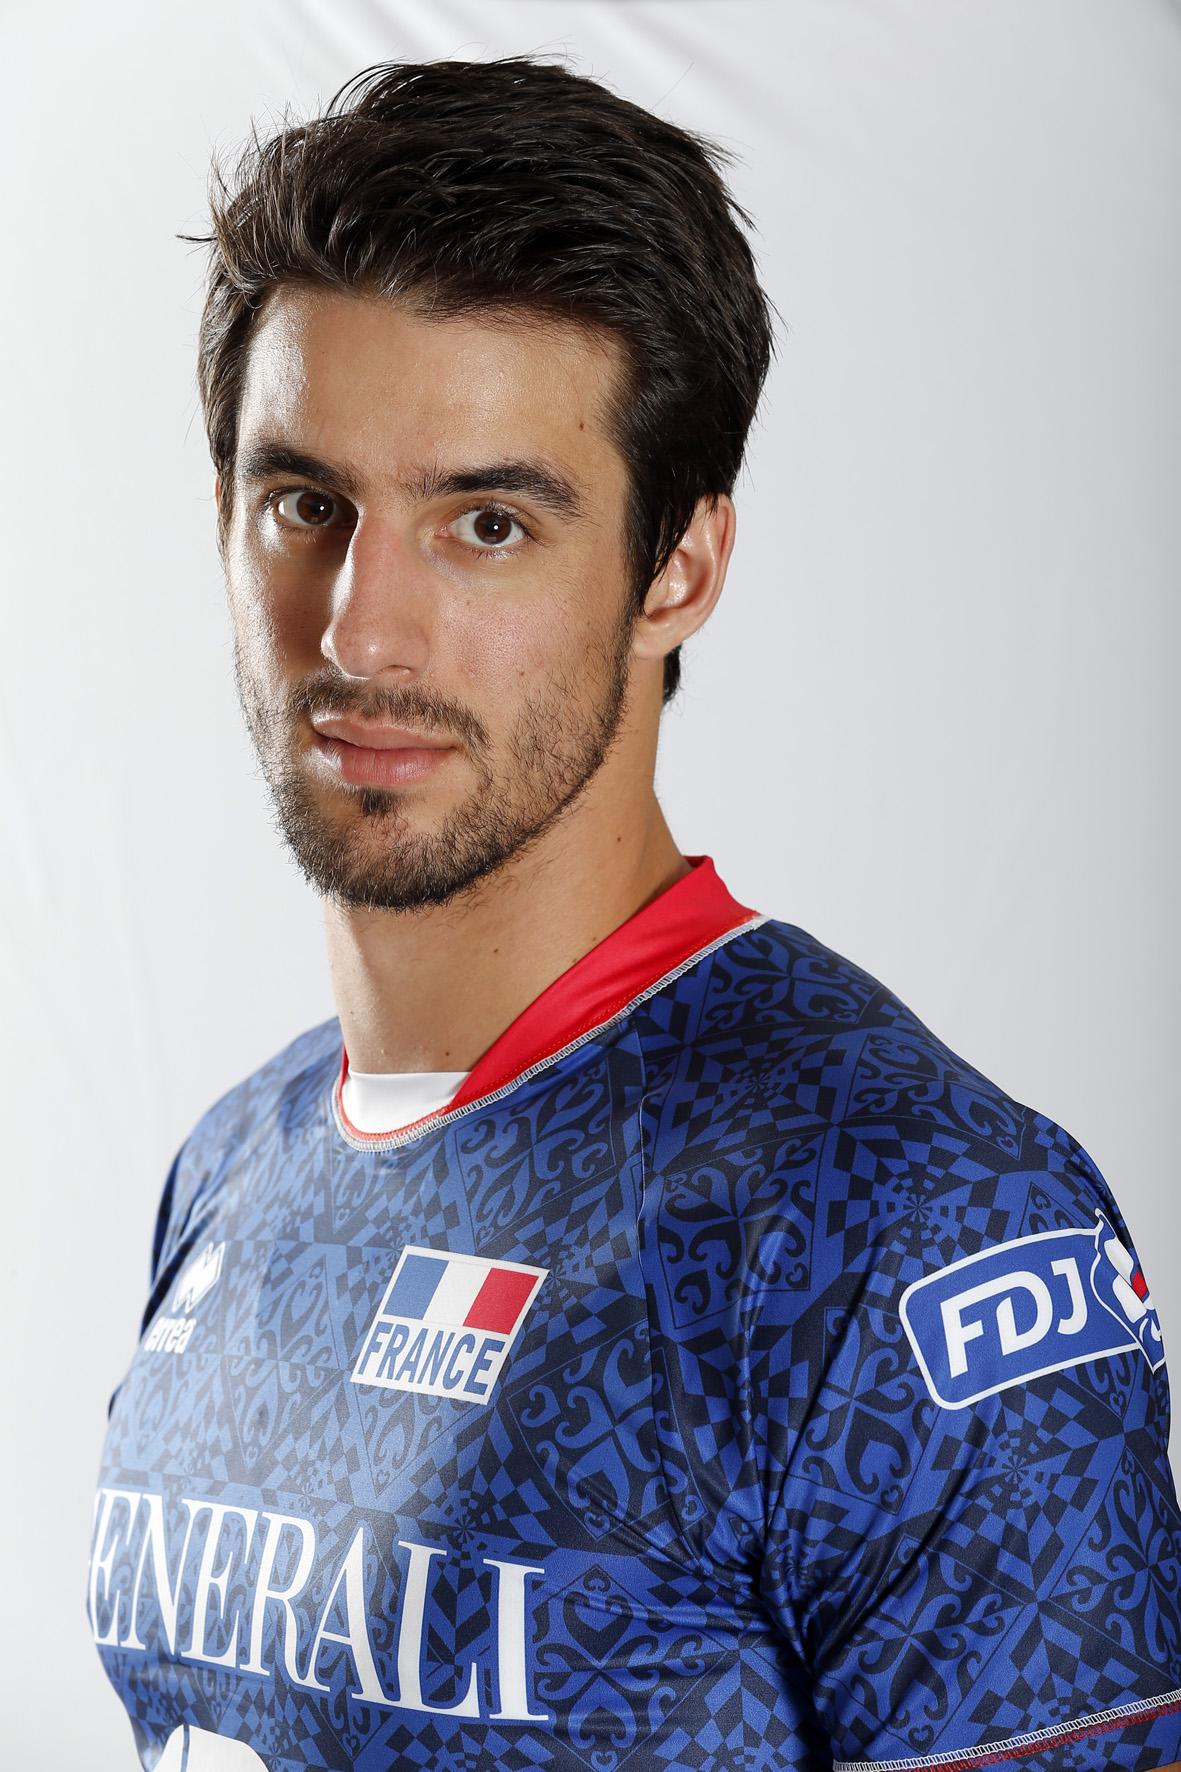 Franck Lafitte